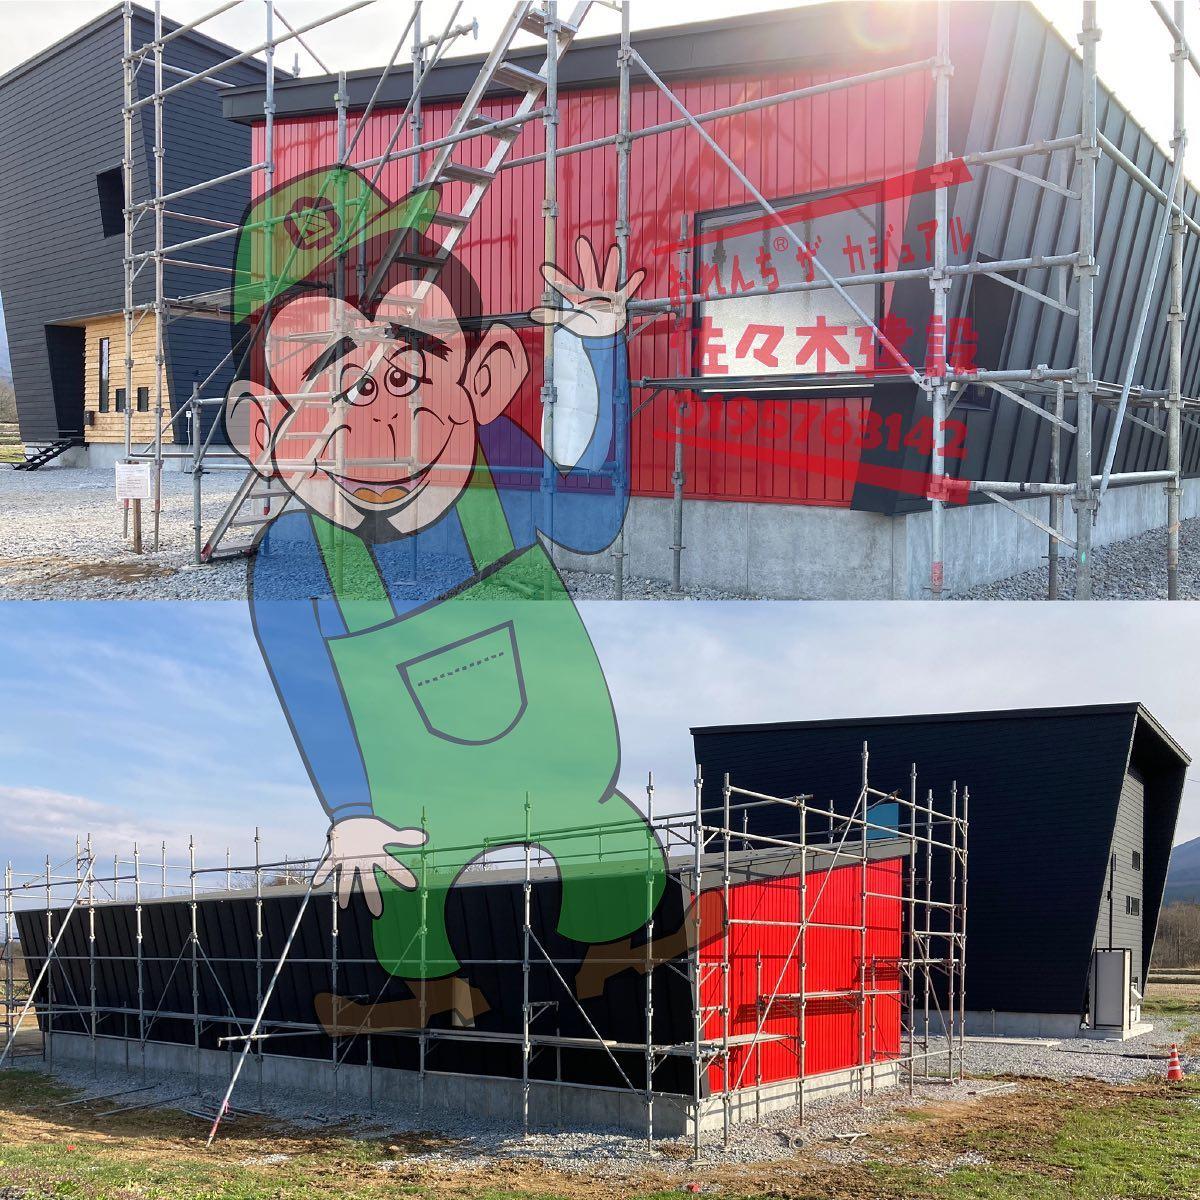 シール工事おわり 土曜日、仮設足場解体撤去今度はどこの現場に行くのだありがとう❤️ってゆー